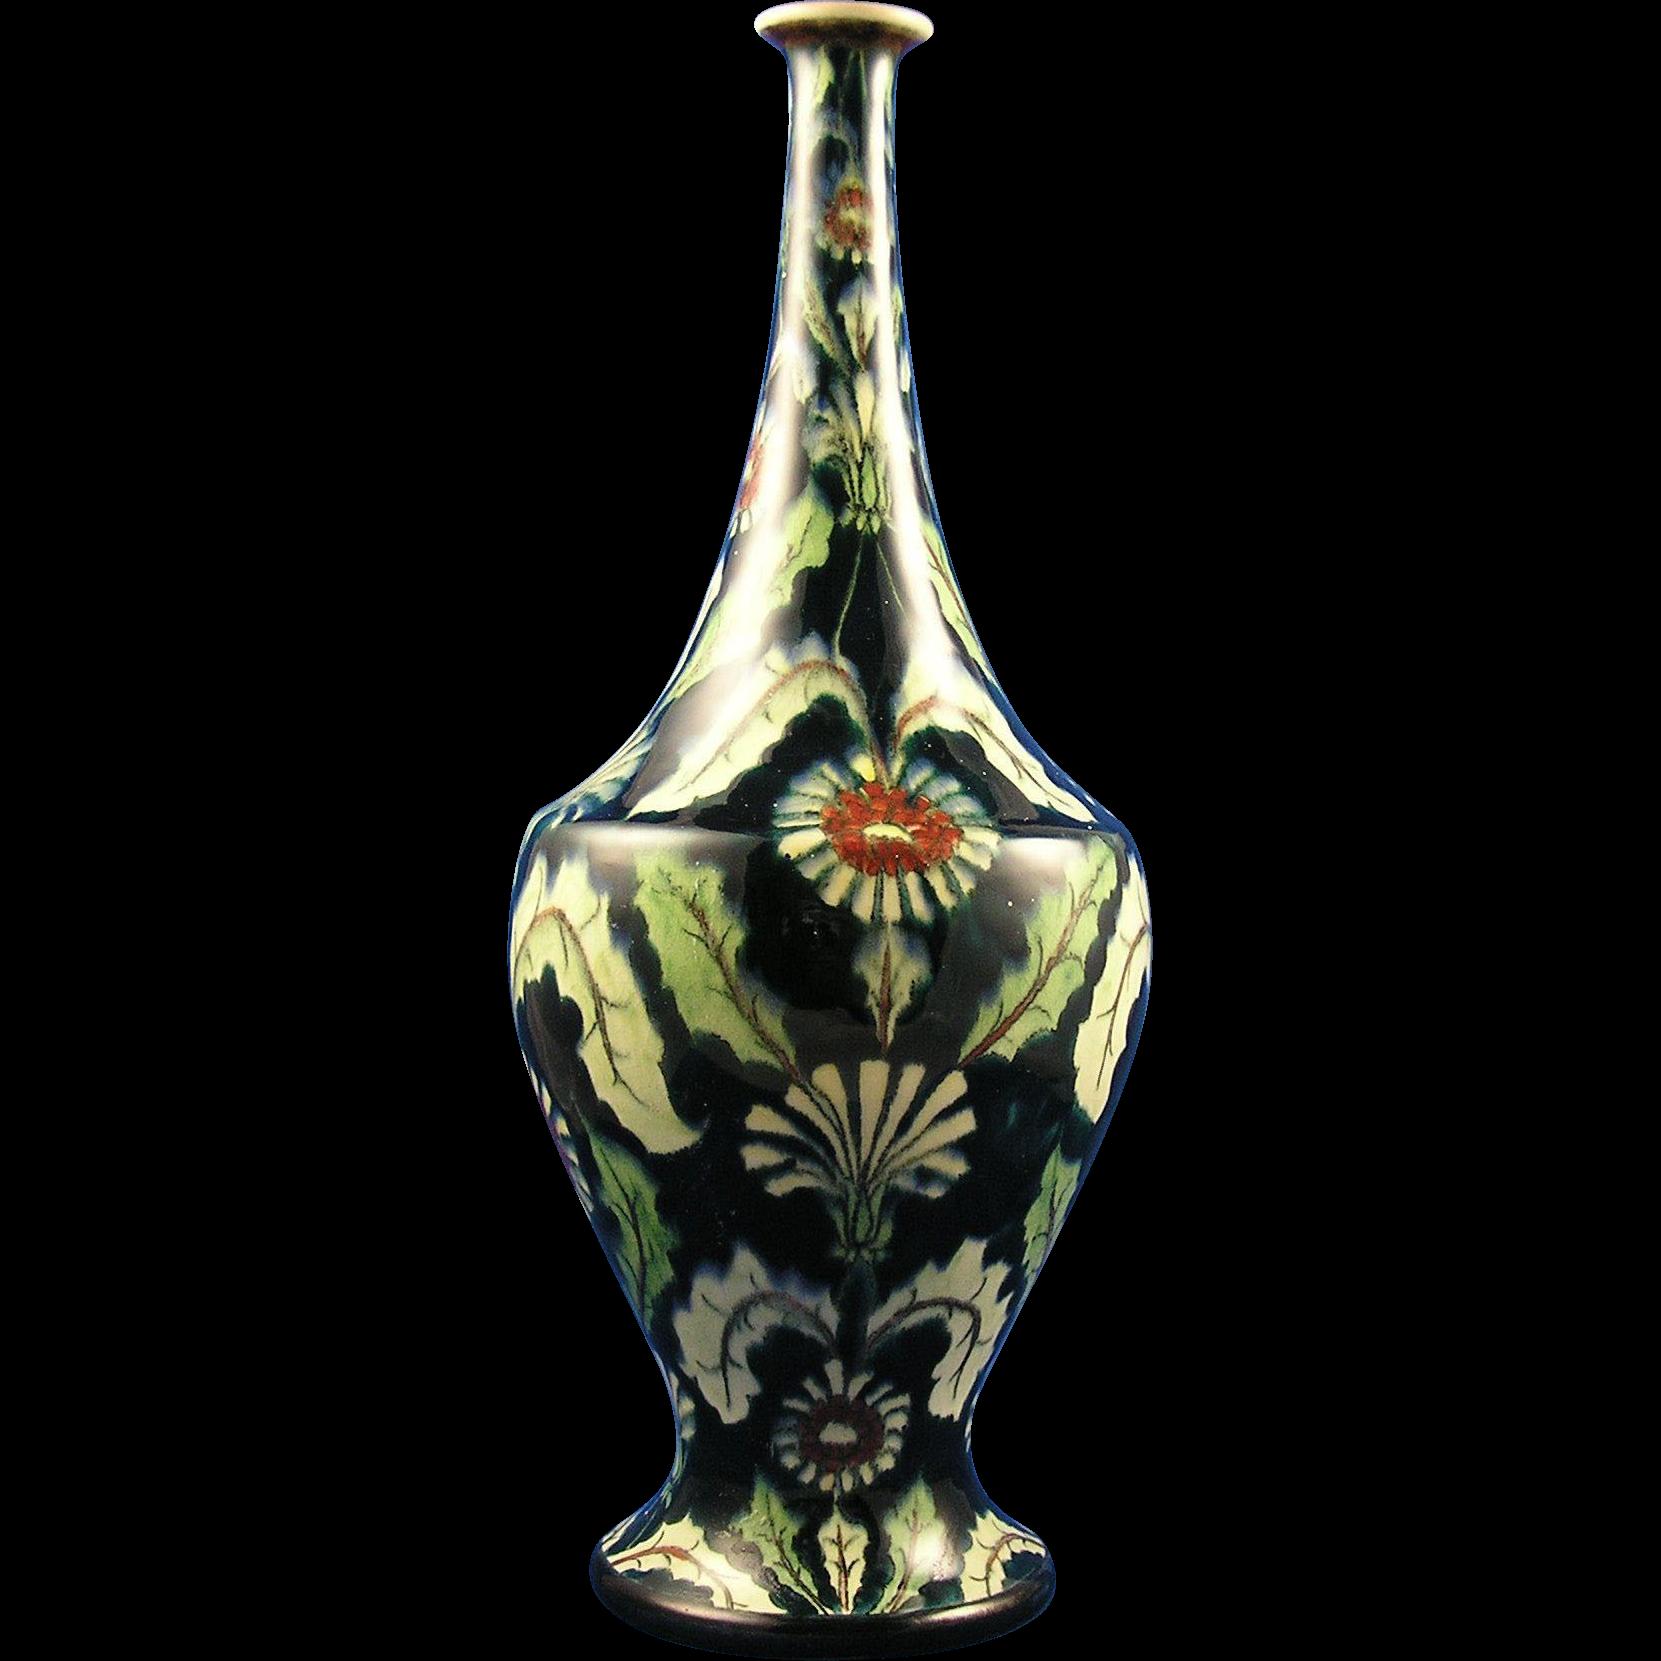 """Royal Bonn Art Nouveau """"Old Dutch"""" Thistle/Floral Vase (c.1890-1920)"""